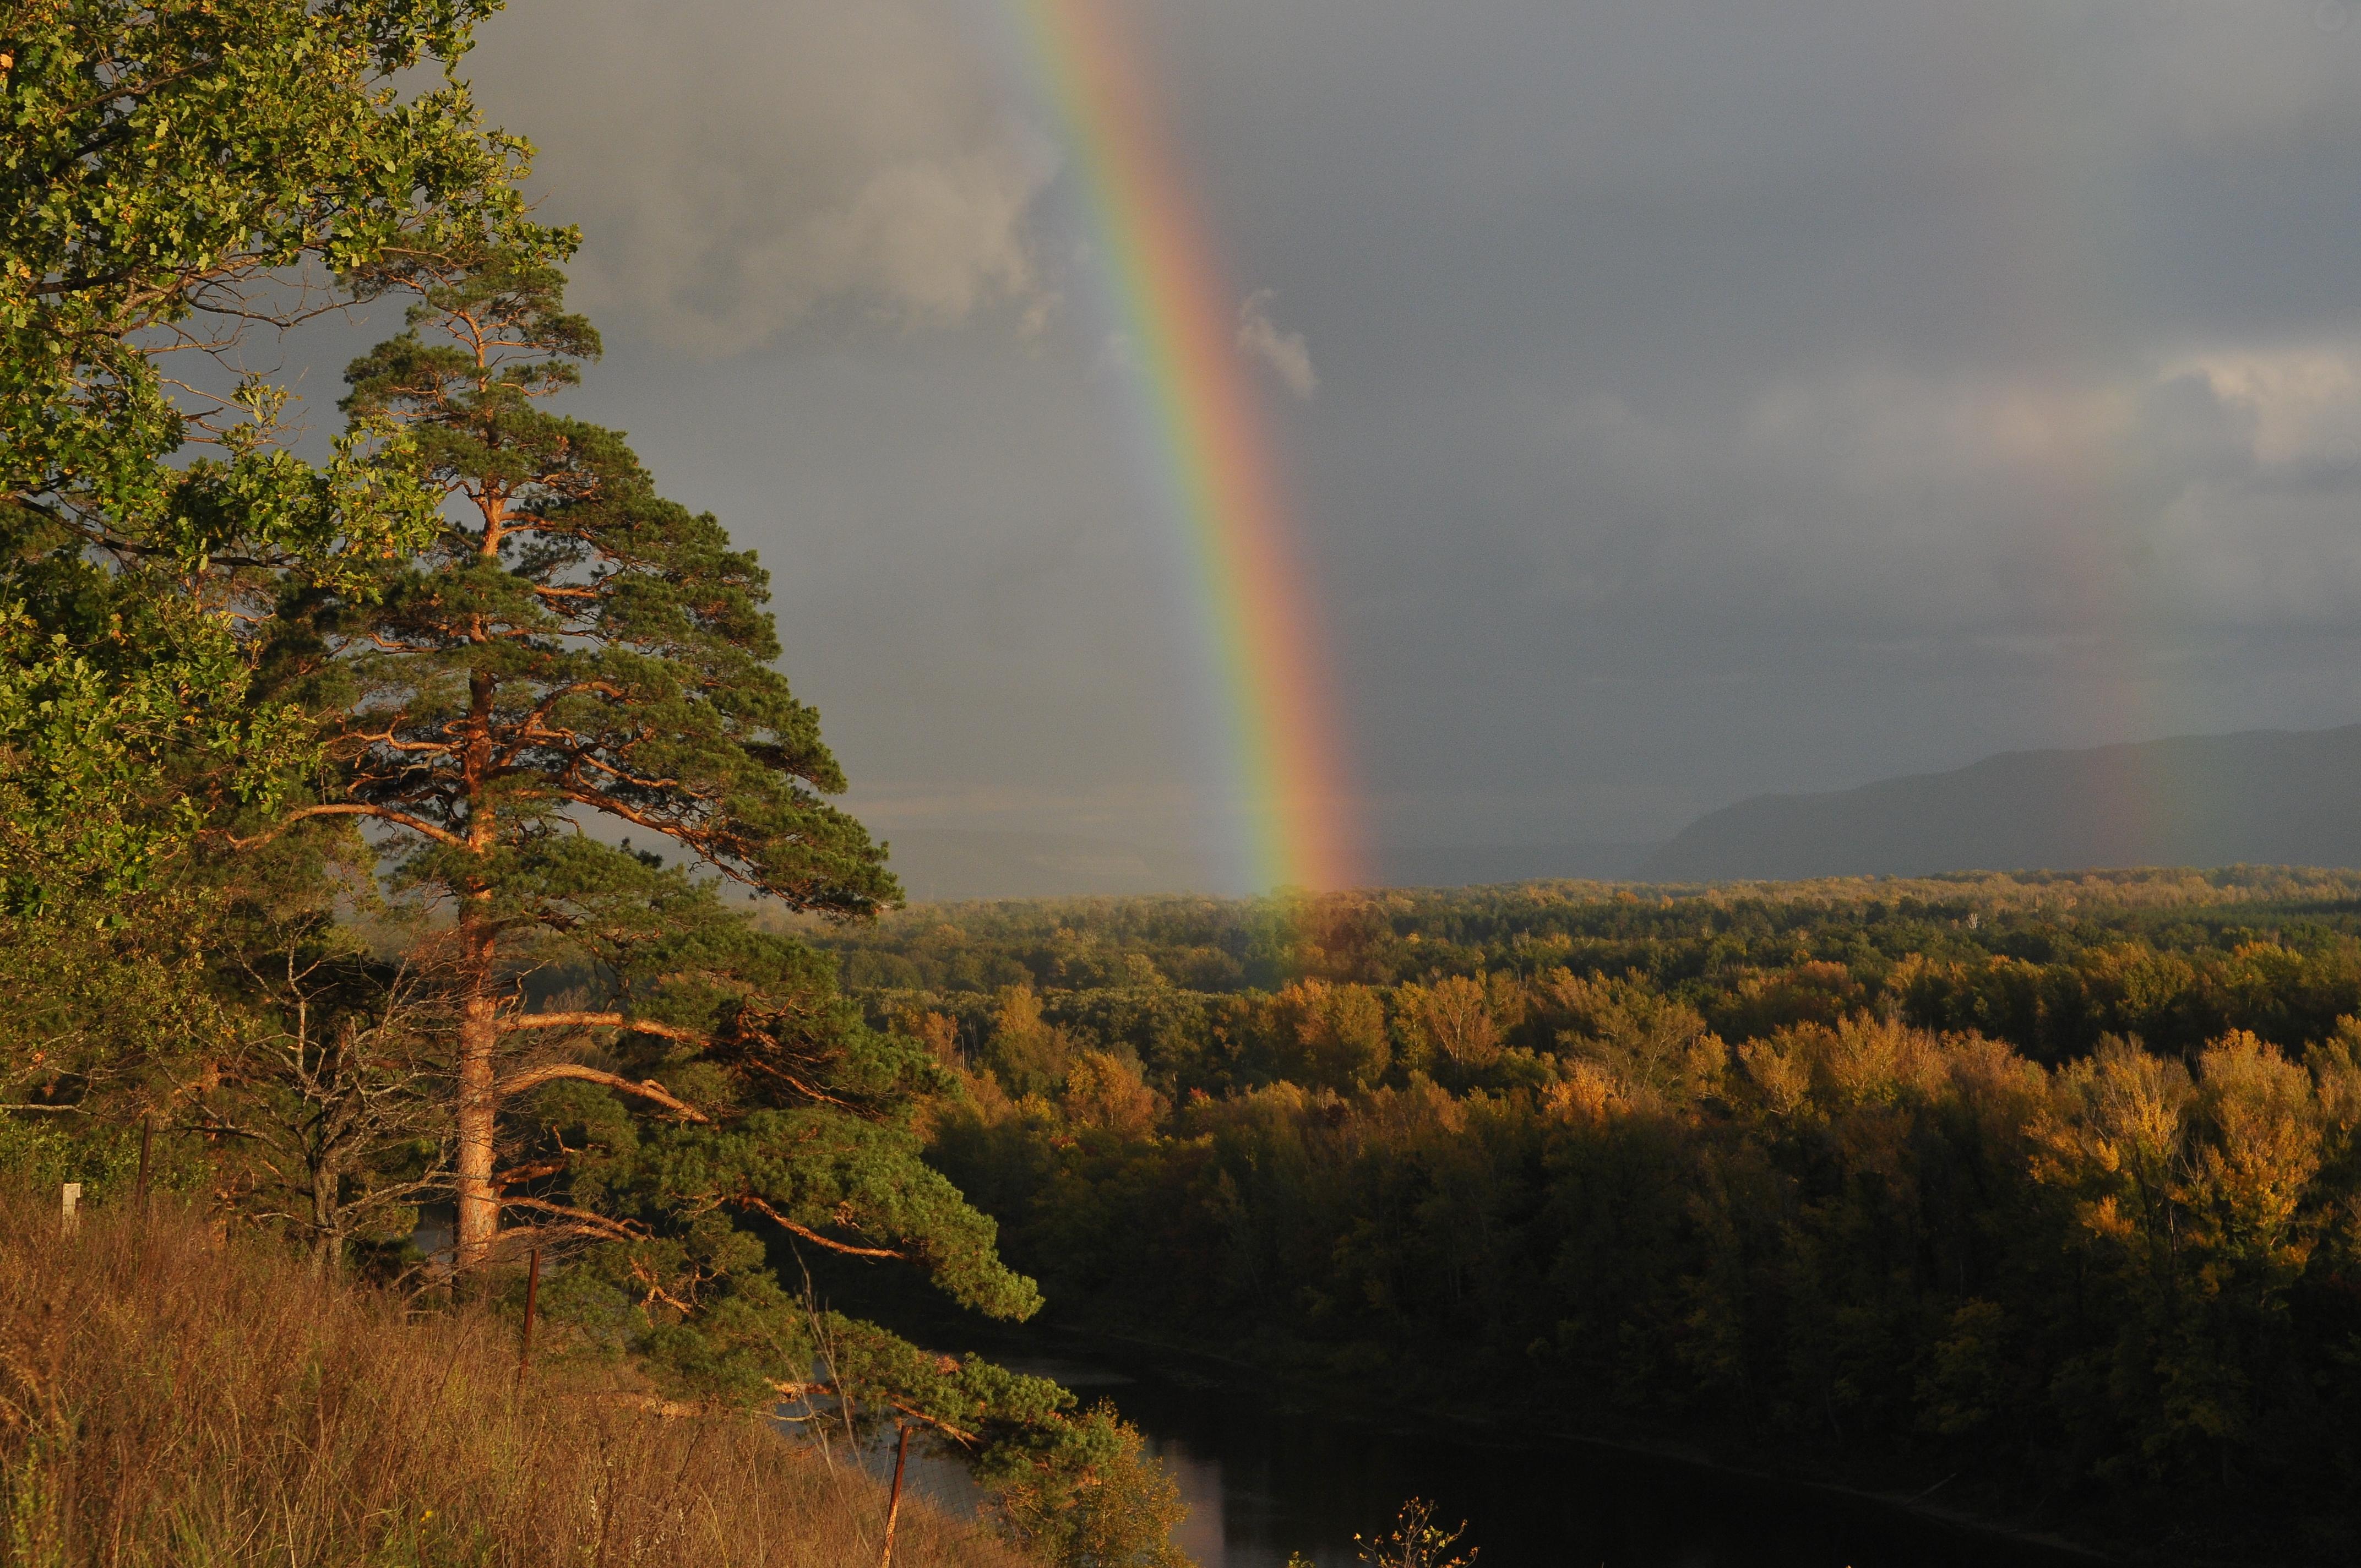 осенняя радуга фото стихи наборы может себе